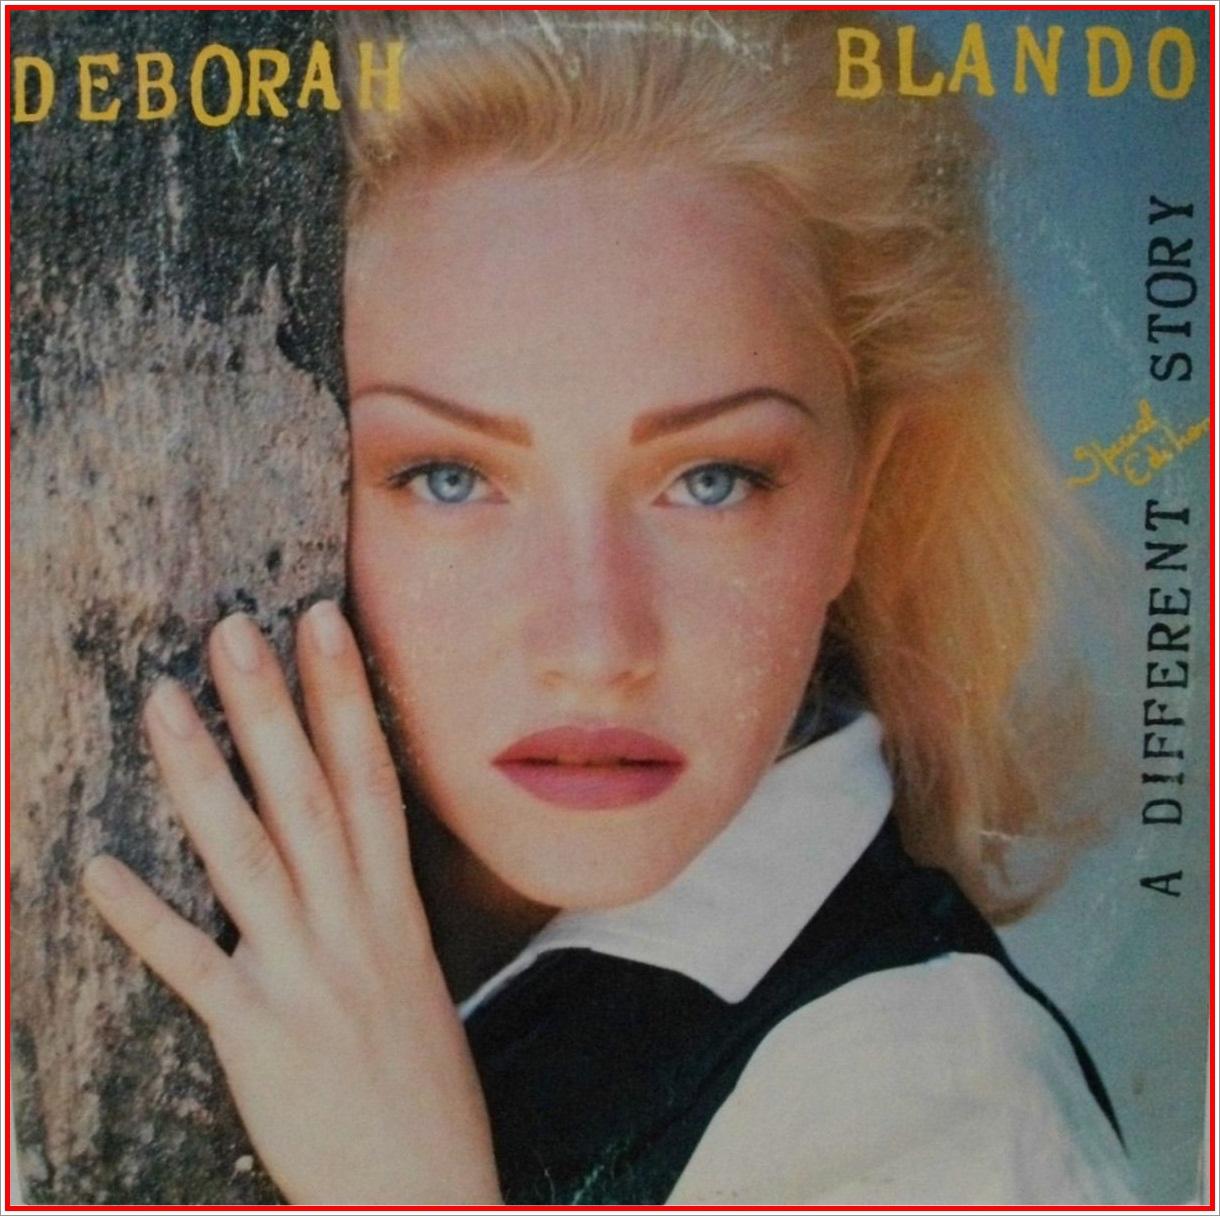 Deborah Blando - Shame